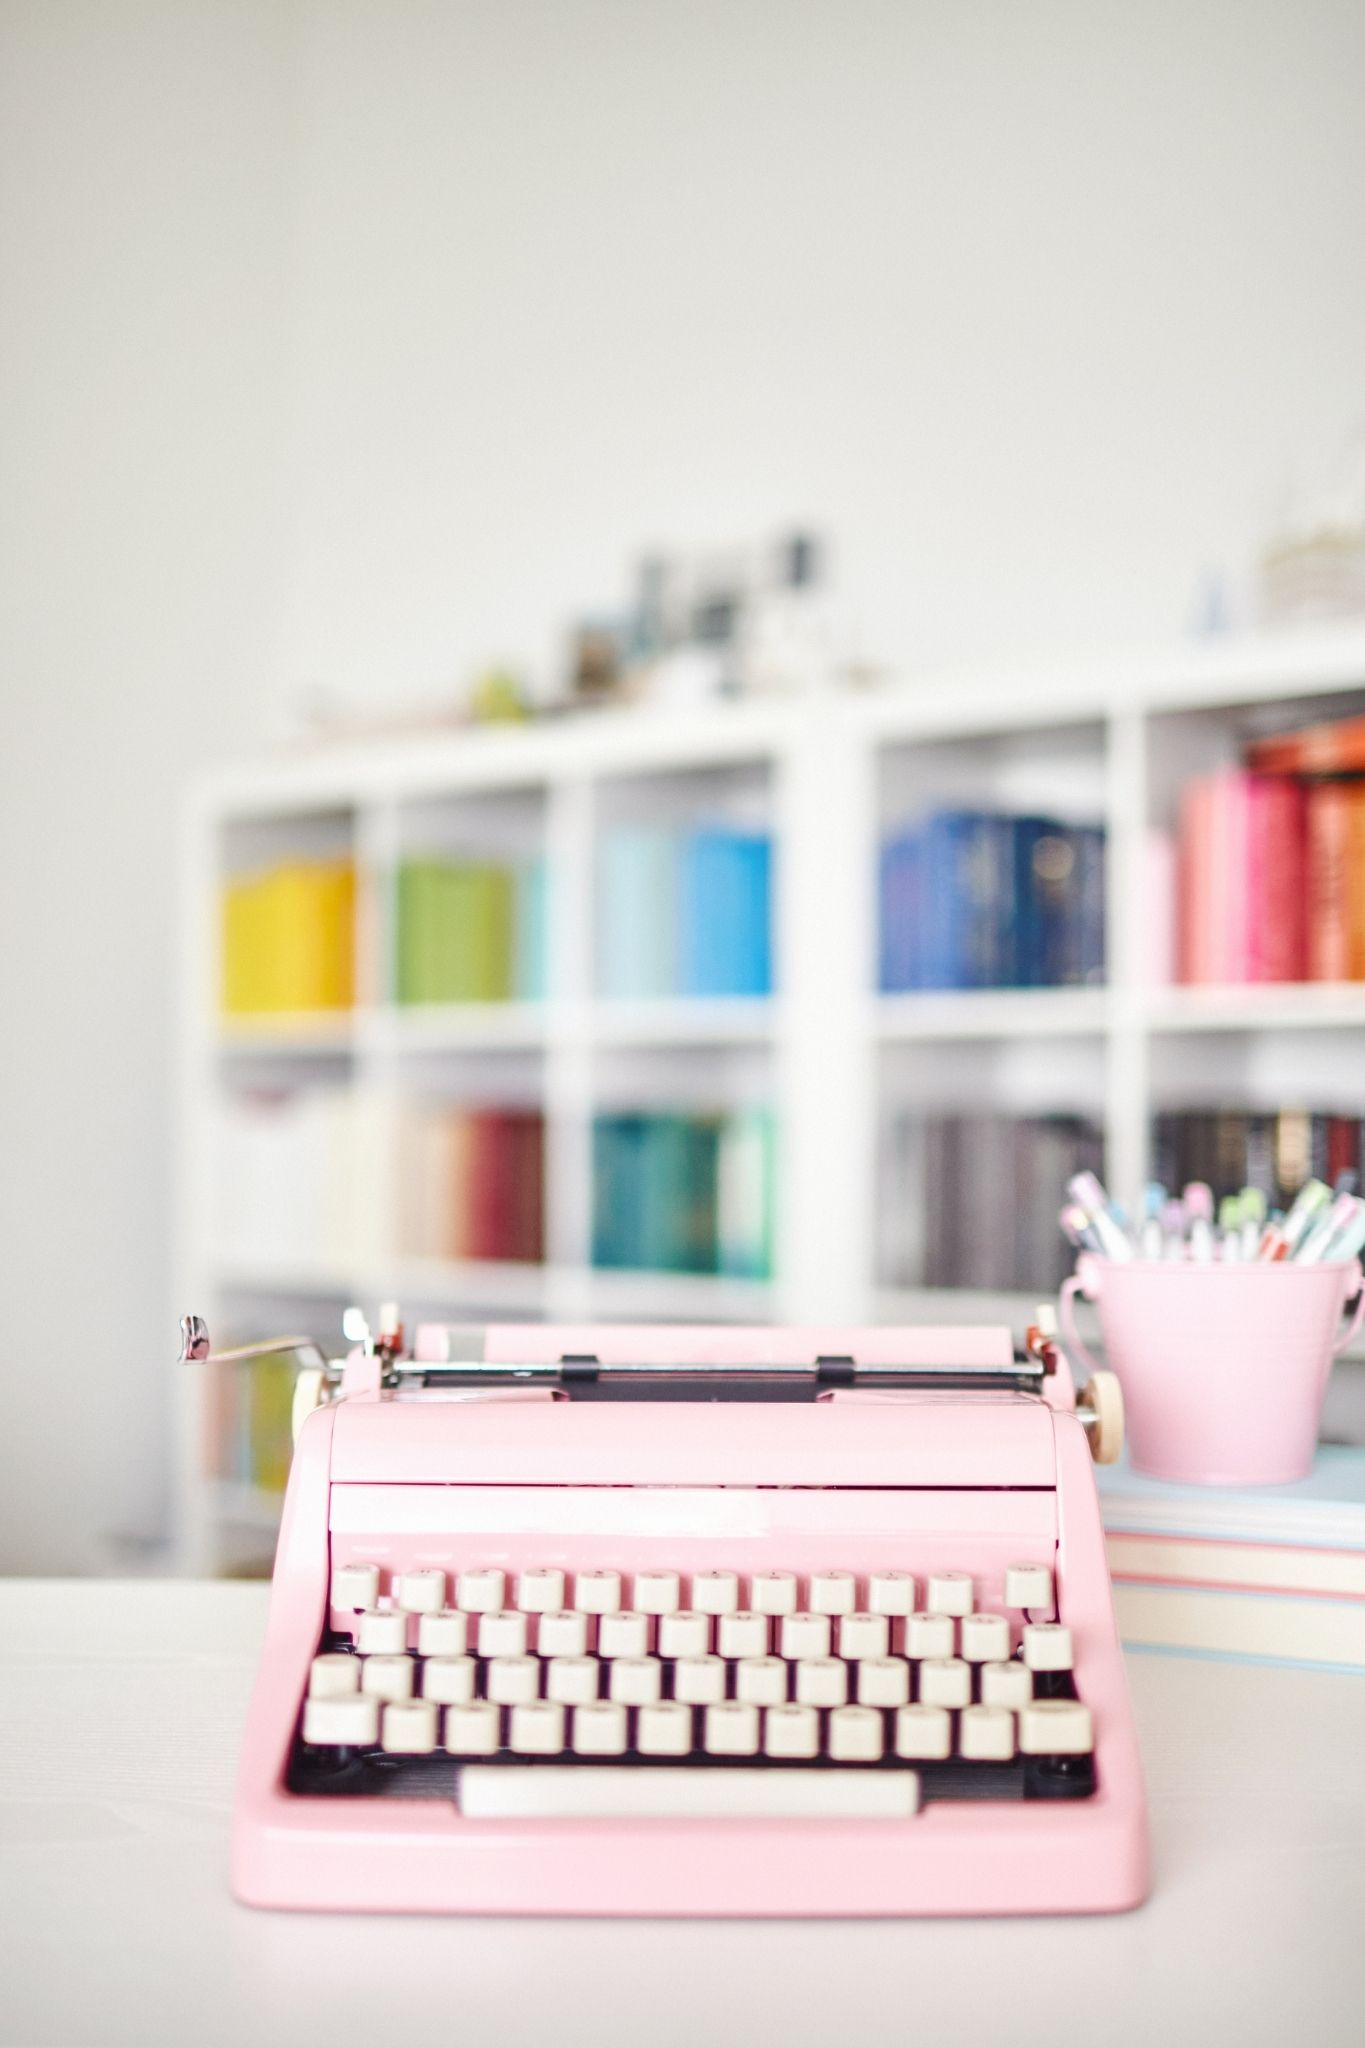 Pink typewriter for writing blog posts